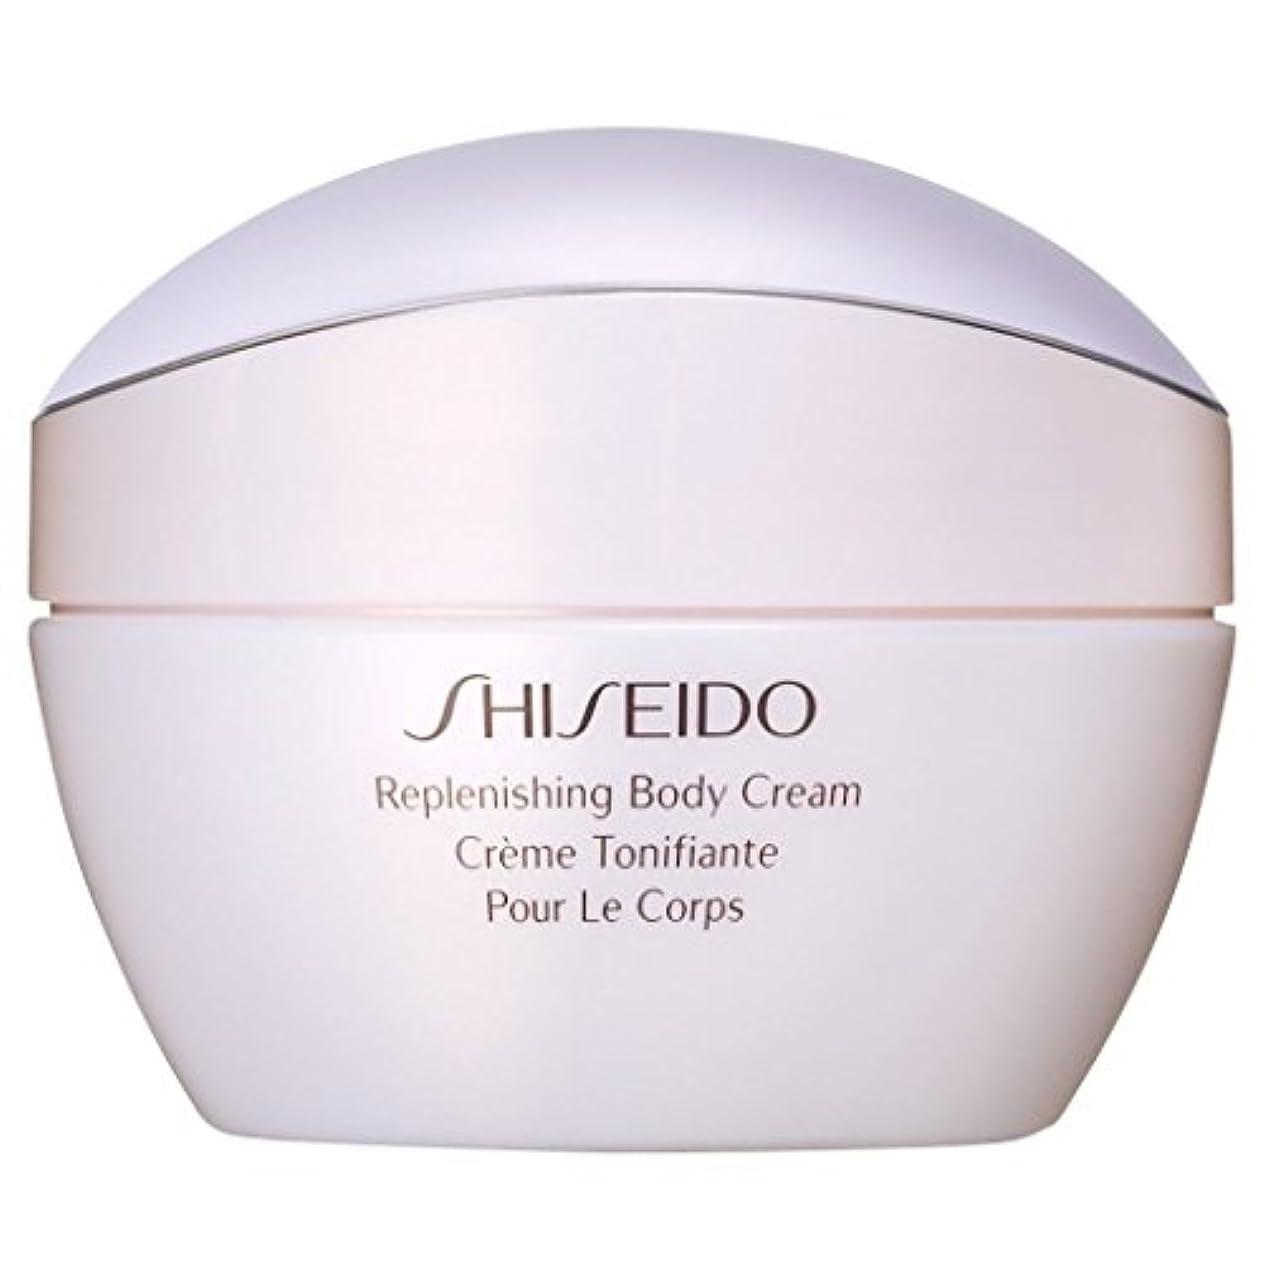 勃起動機付ける電子[Shiseido] 資生堂補充ボディクリーム200ミリリットル - Shiseido Replenishing Body Cream 200ml [並行輸入品]